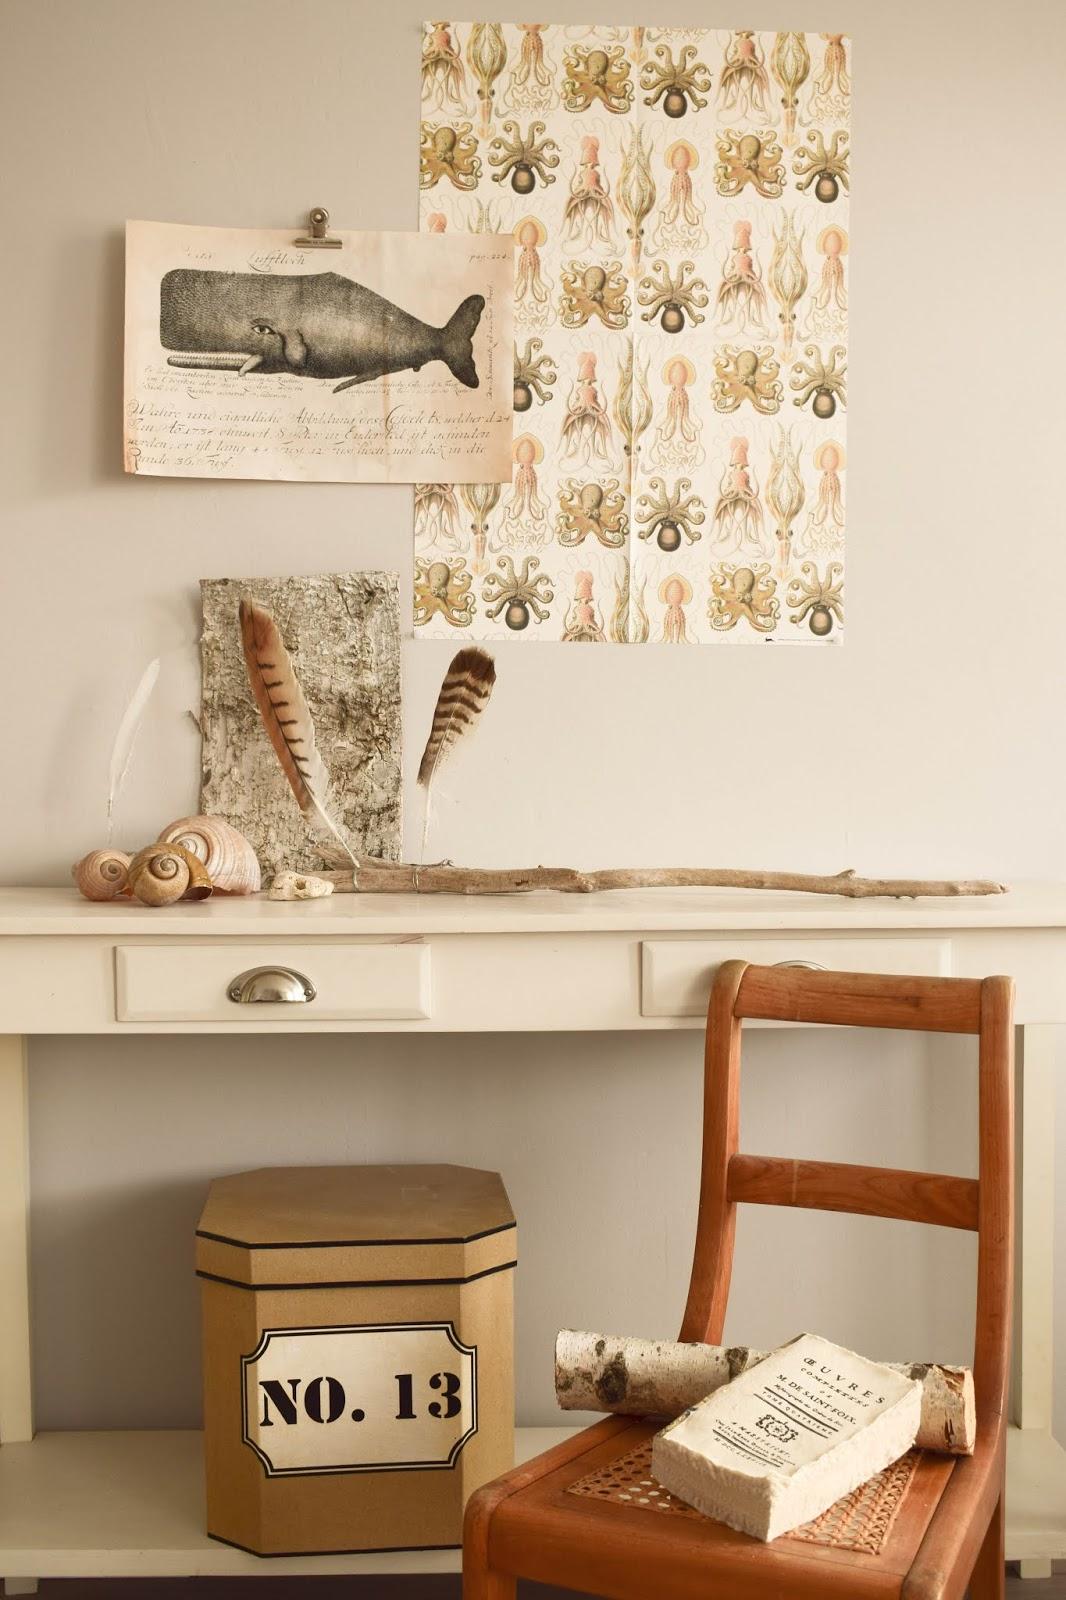 Wanddeko Dekoidee Wand Bilder Poster botanisch Drucke Wandgestaltung günstig einfach schnell